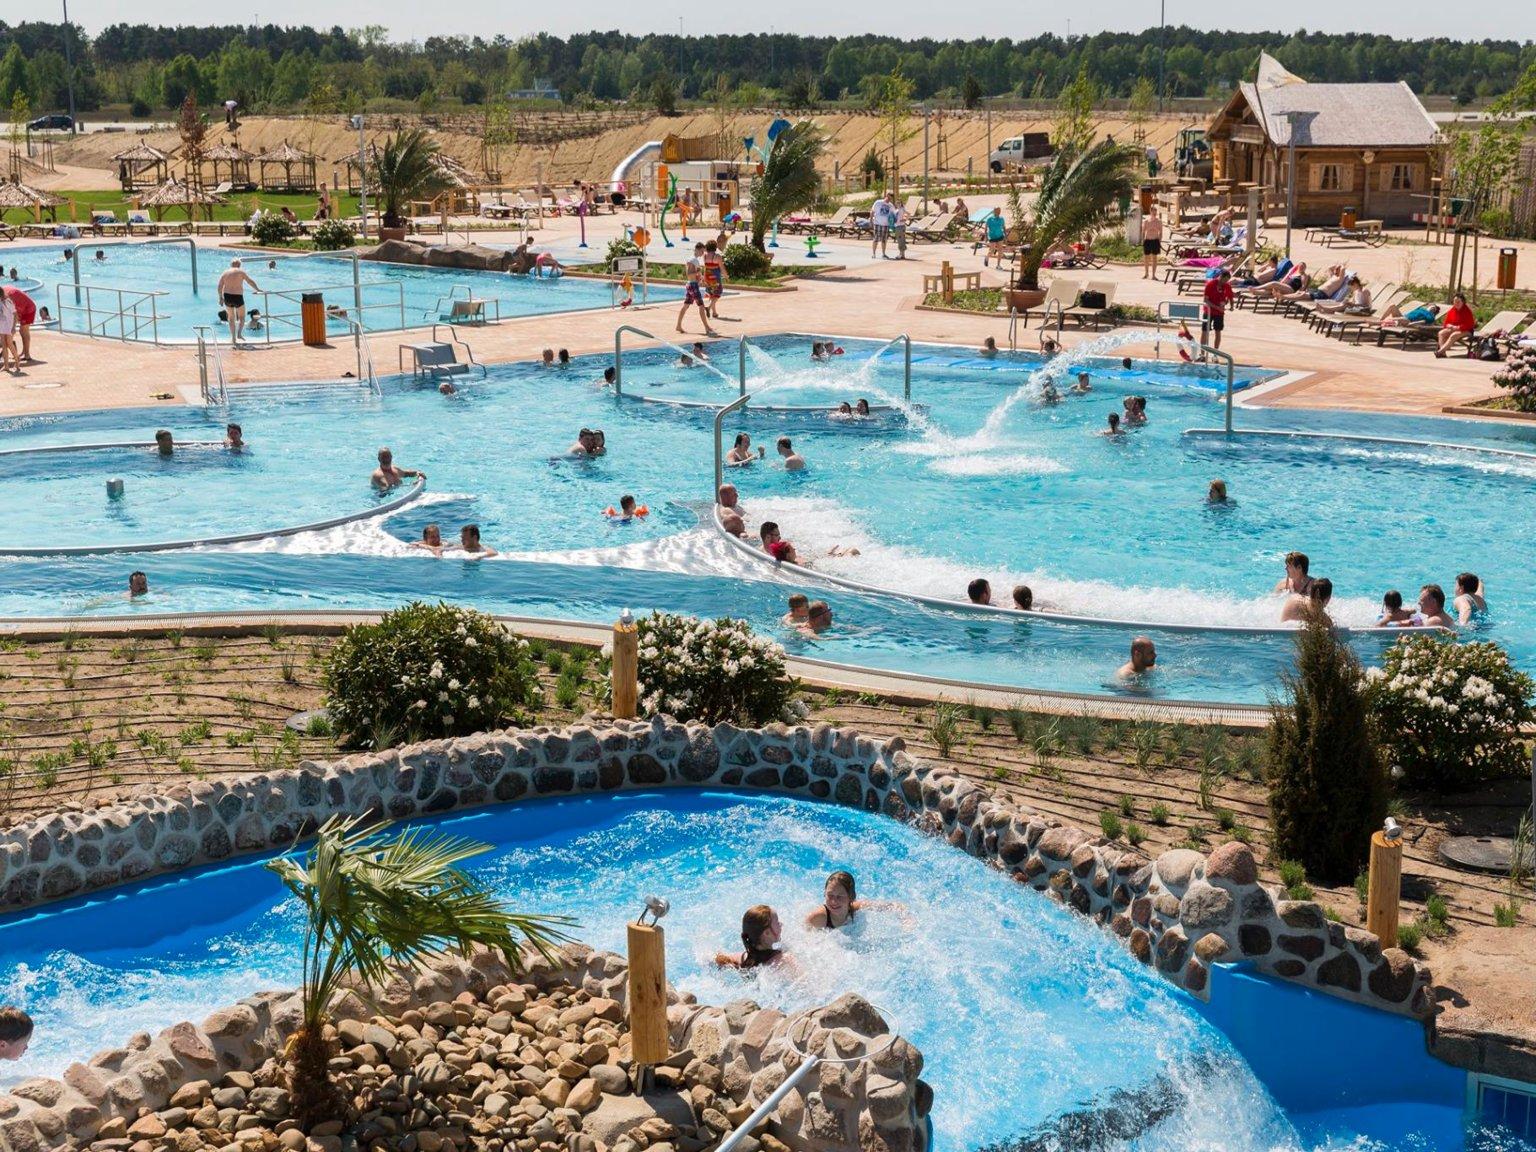 Tropical Islands Resort: Tropical Islands Resort Indoor Water Park In Germany